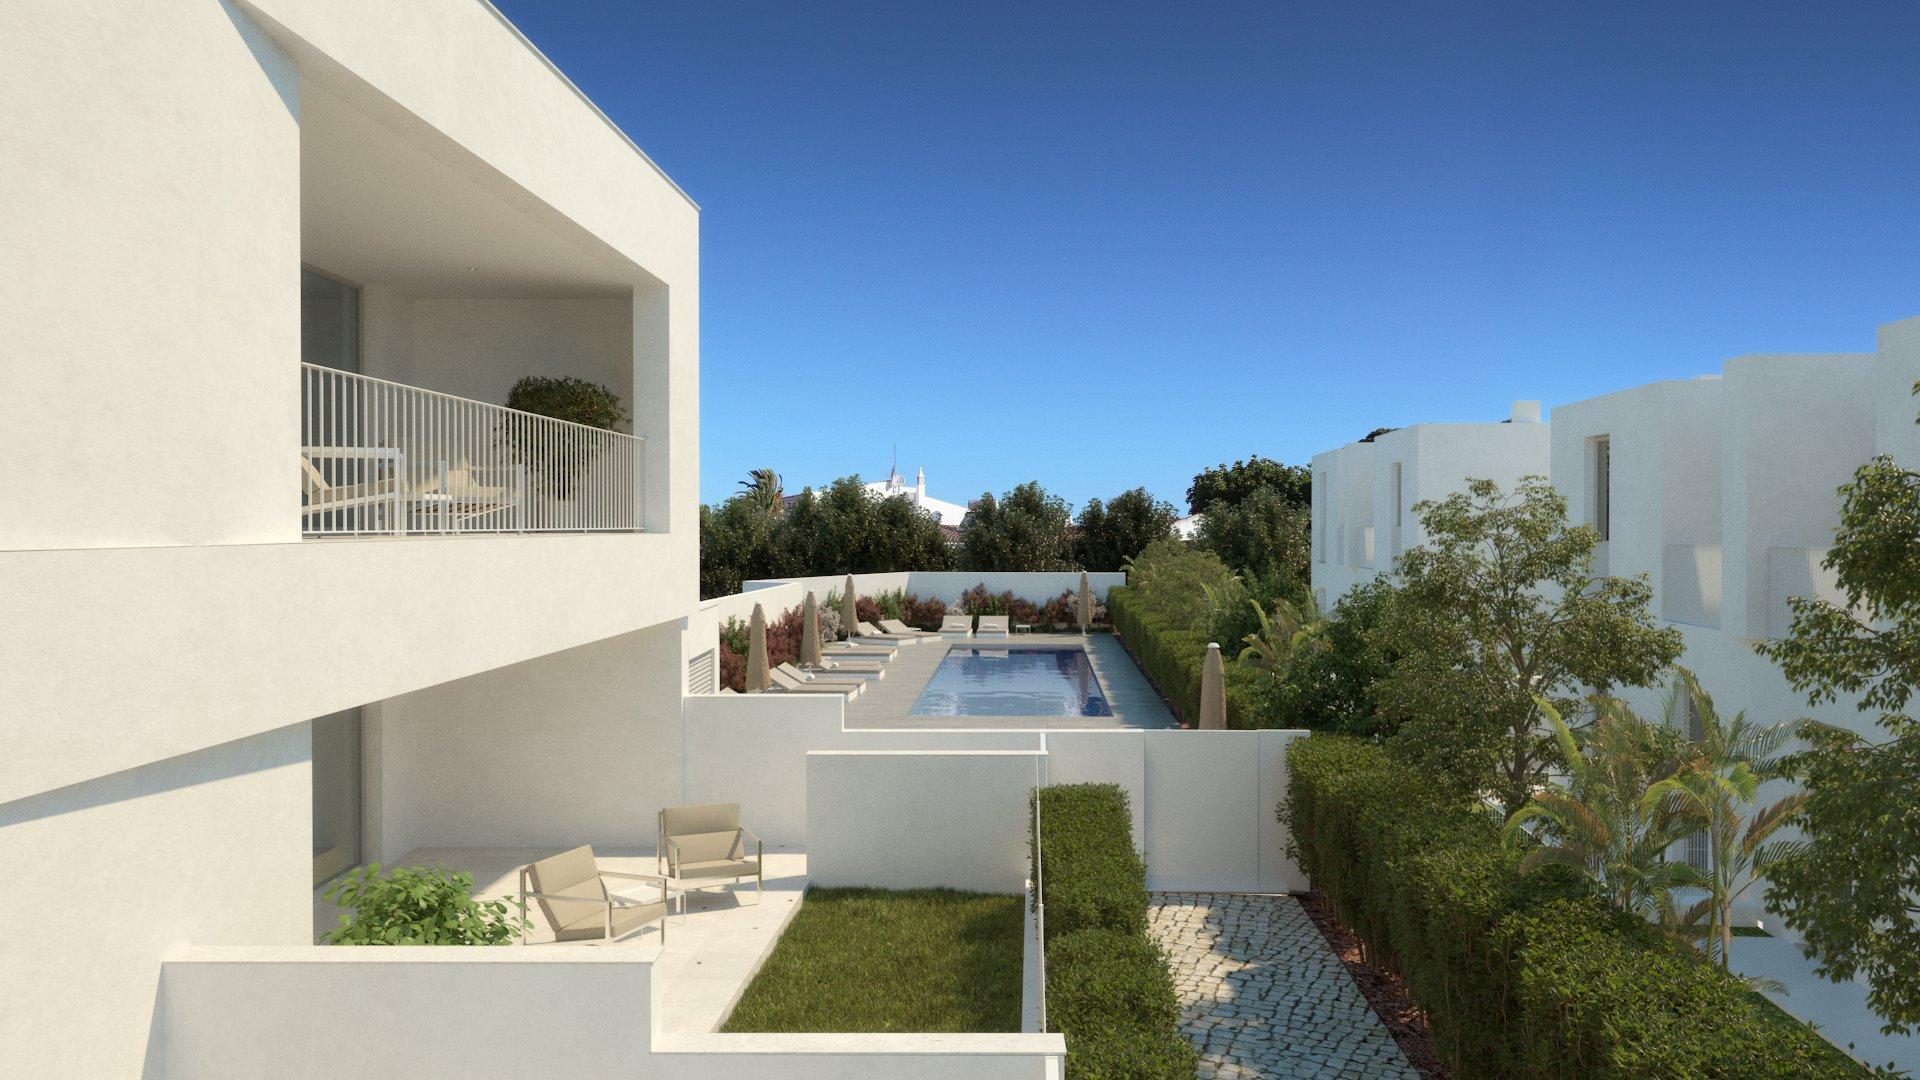 2 Bedroom Apartment Lagos, Western Algarve Ref: GA409H